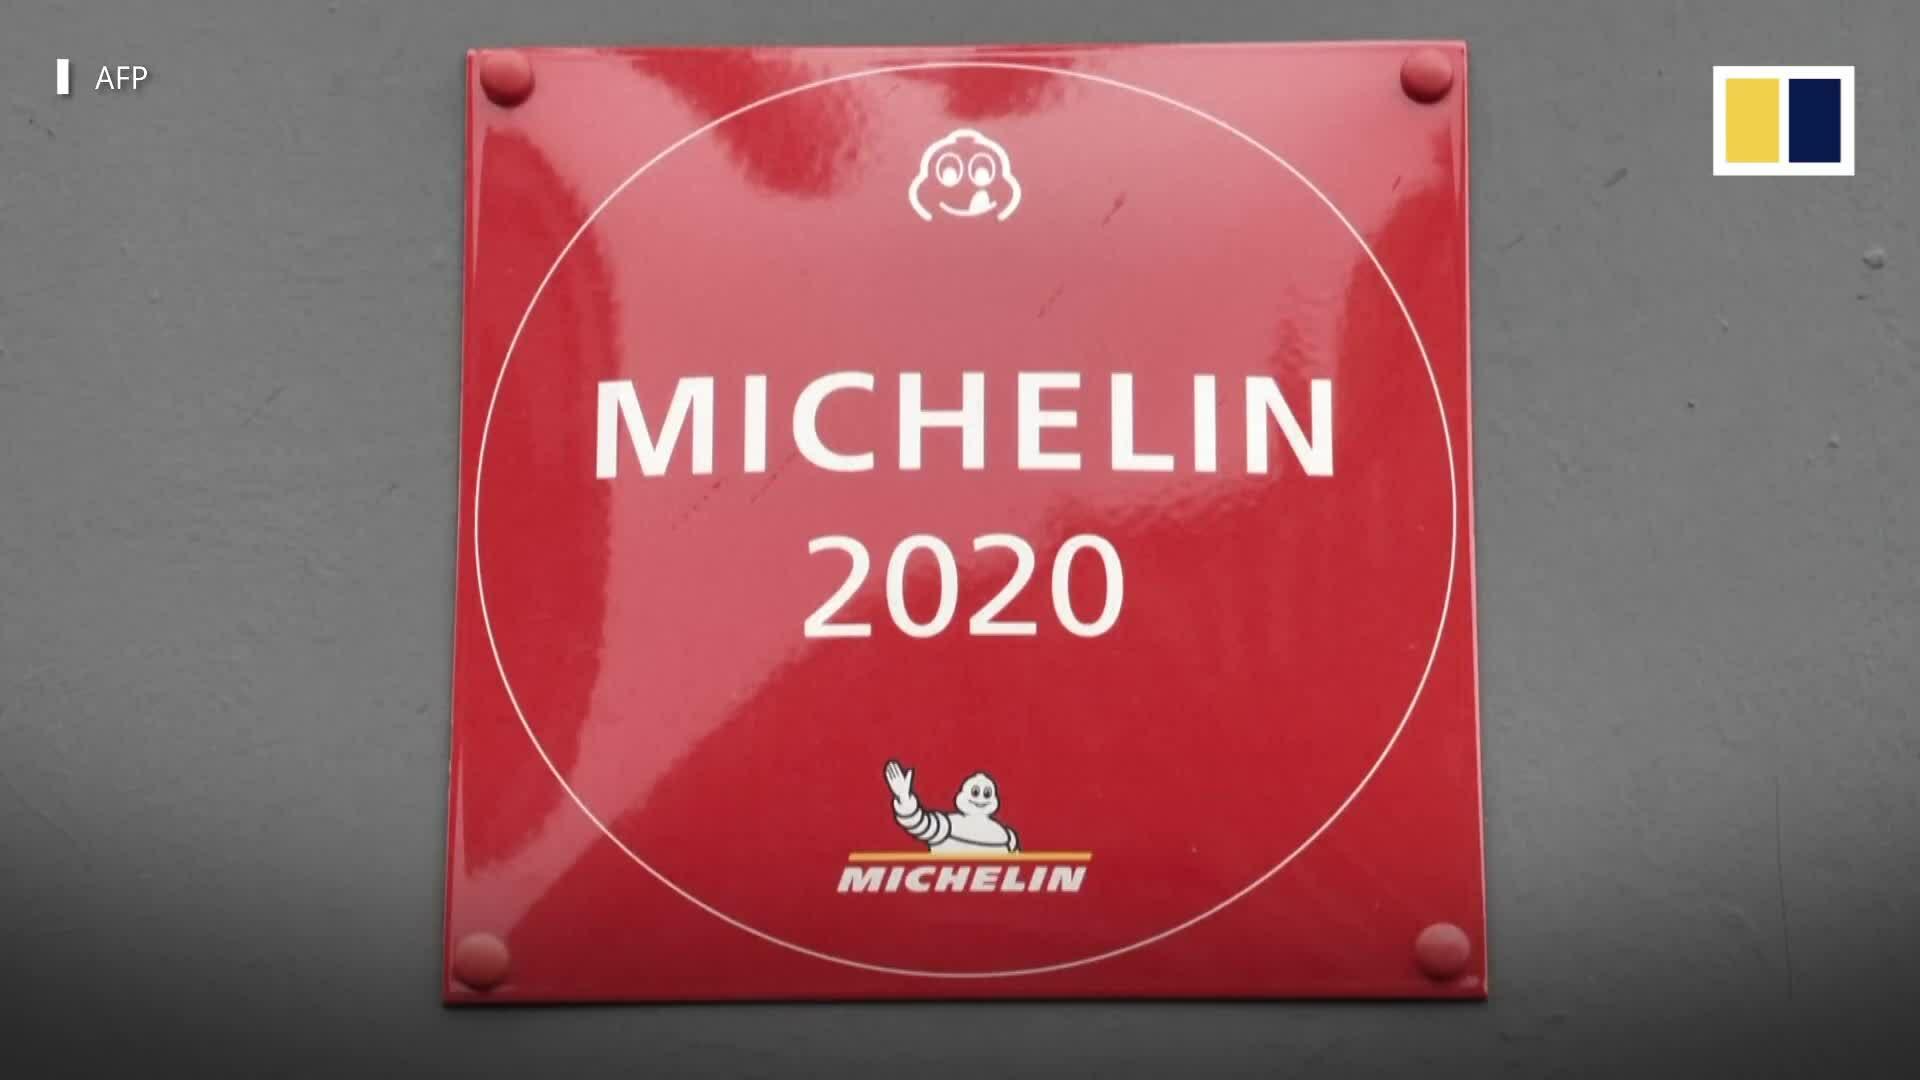 Nhà hàng Michelin giao đồ tận cửa cho khách mùa nCoV